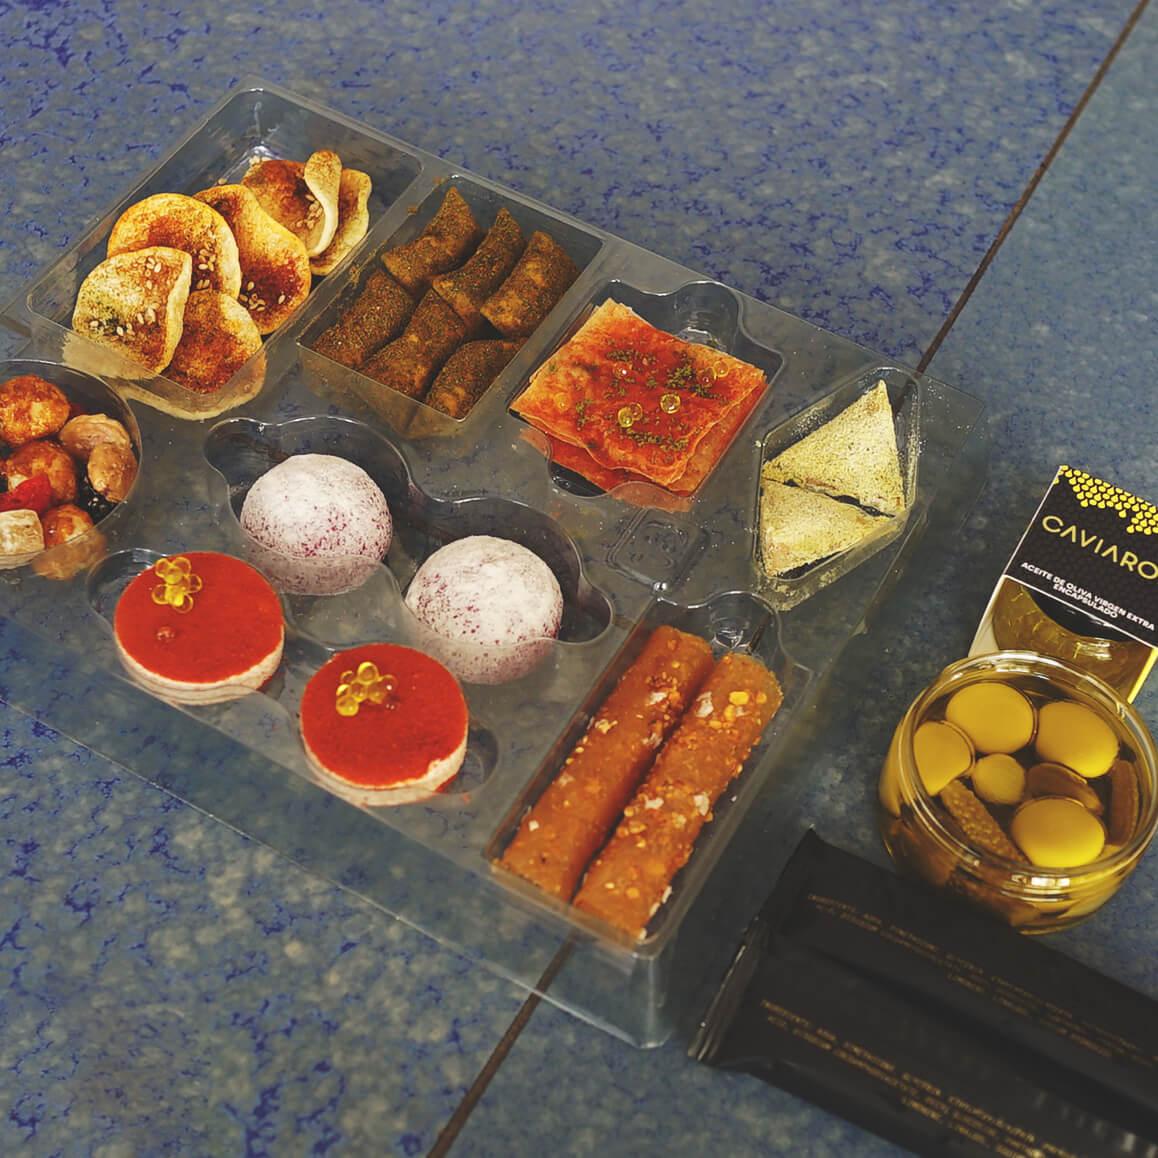 La caja de snacks del Disfrutar Compartir © Disfrutar